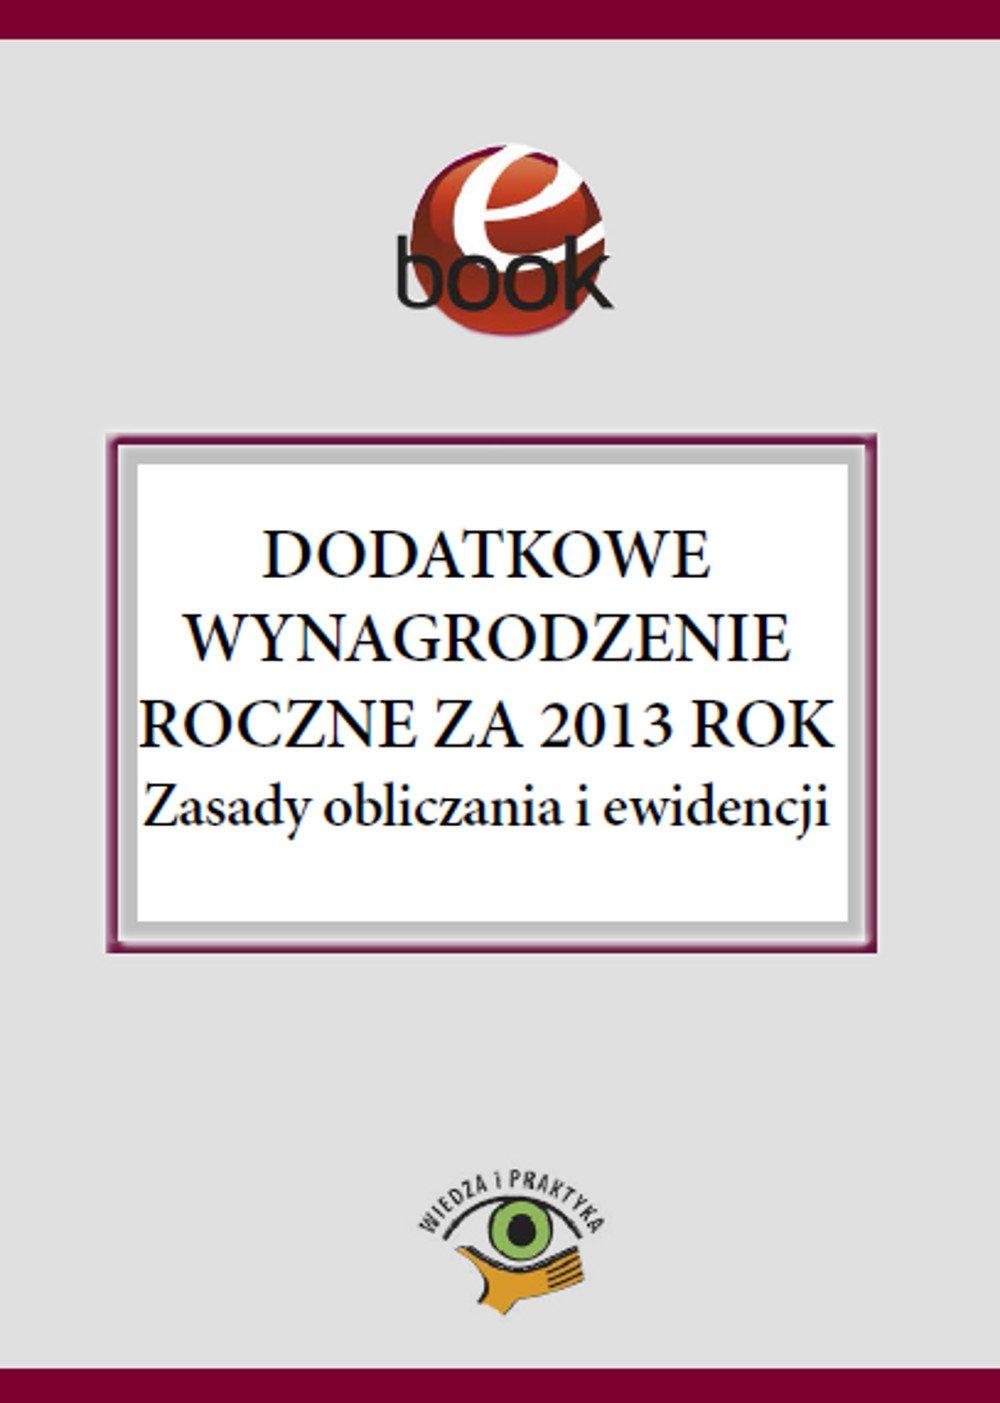 Dodatkowe wynagrodzenie roczne za 2013 rok. Zasady obliczania i ewidencji - Ebook (Książka PDF) do pobrania w formacie PDF